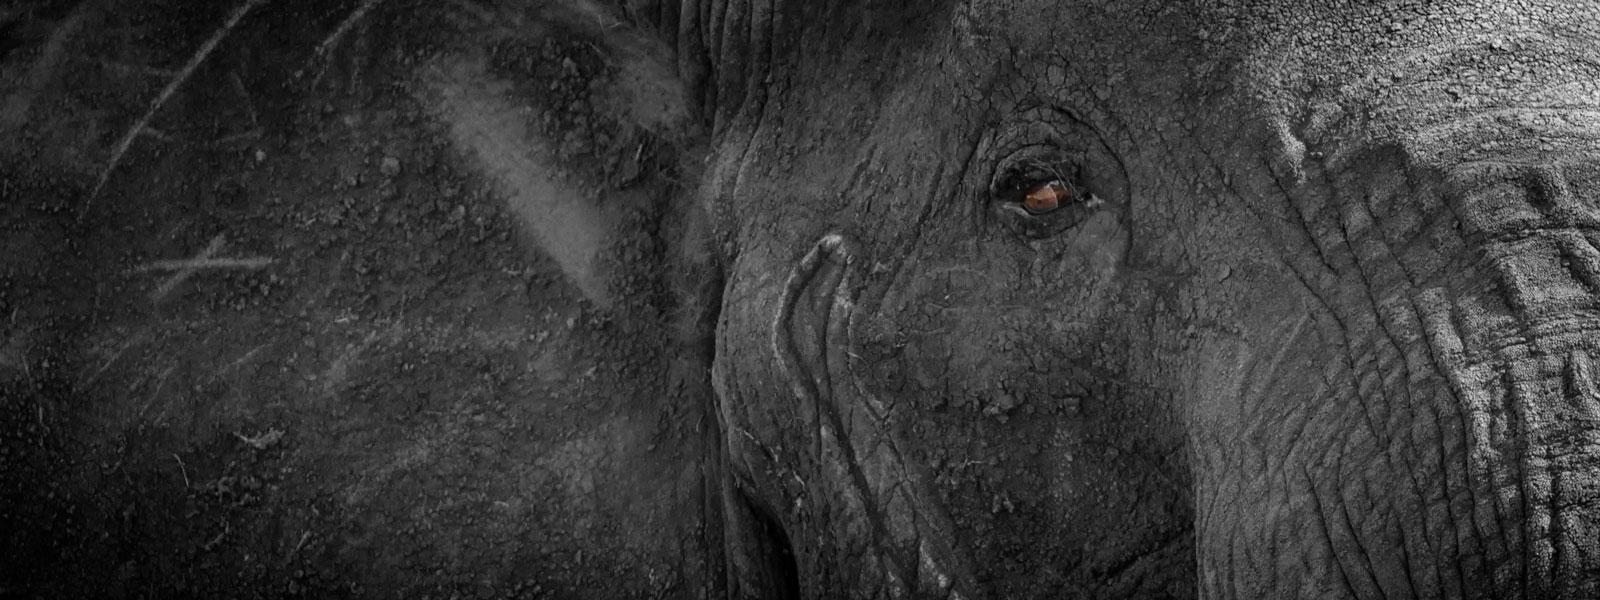 MG_0927-Elephant-1600x600_SFW